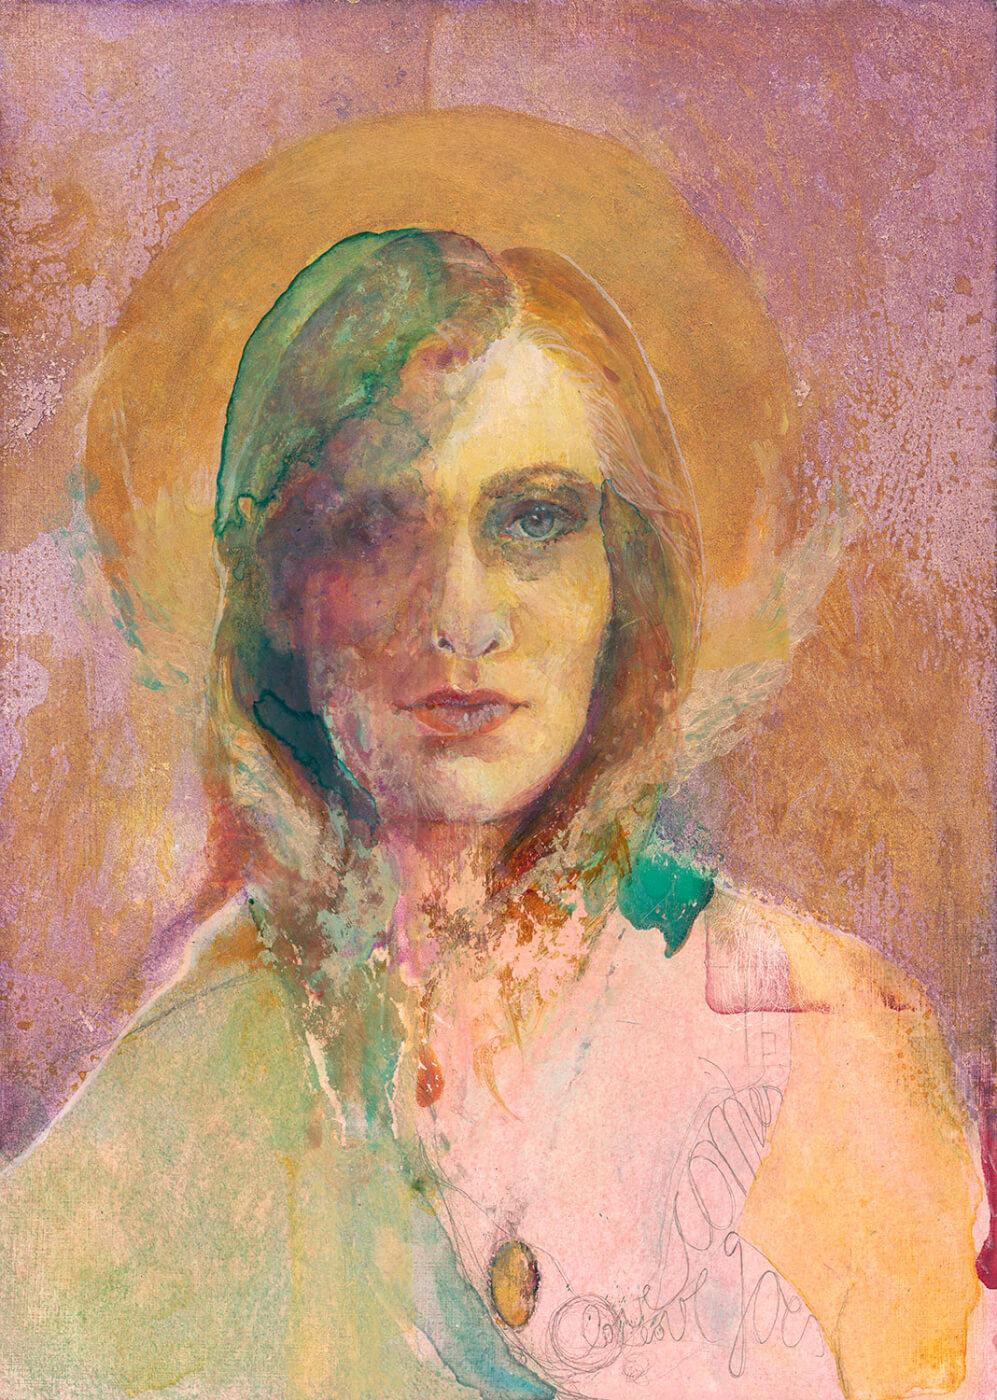 Heiligenschein, Ikone, Portrait, Selbstportrait, mixed media,